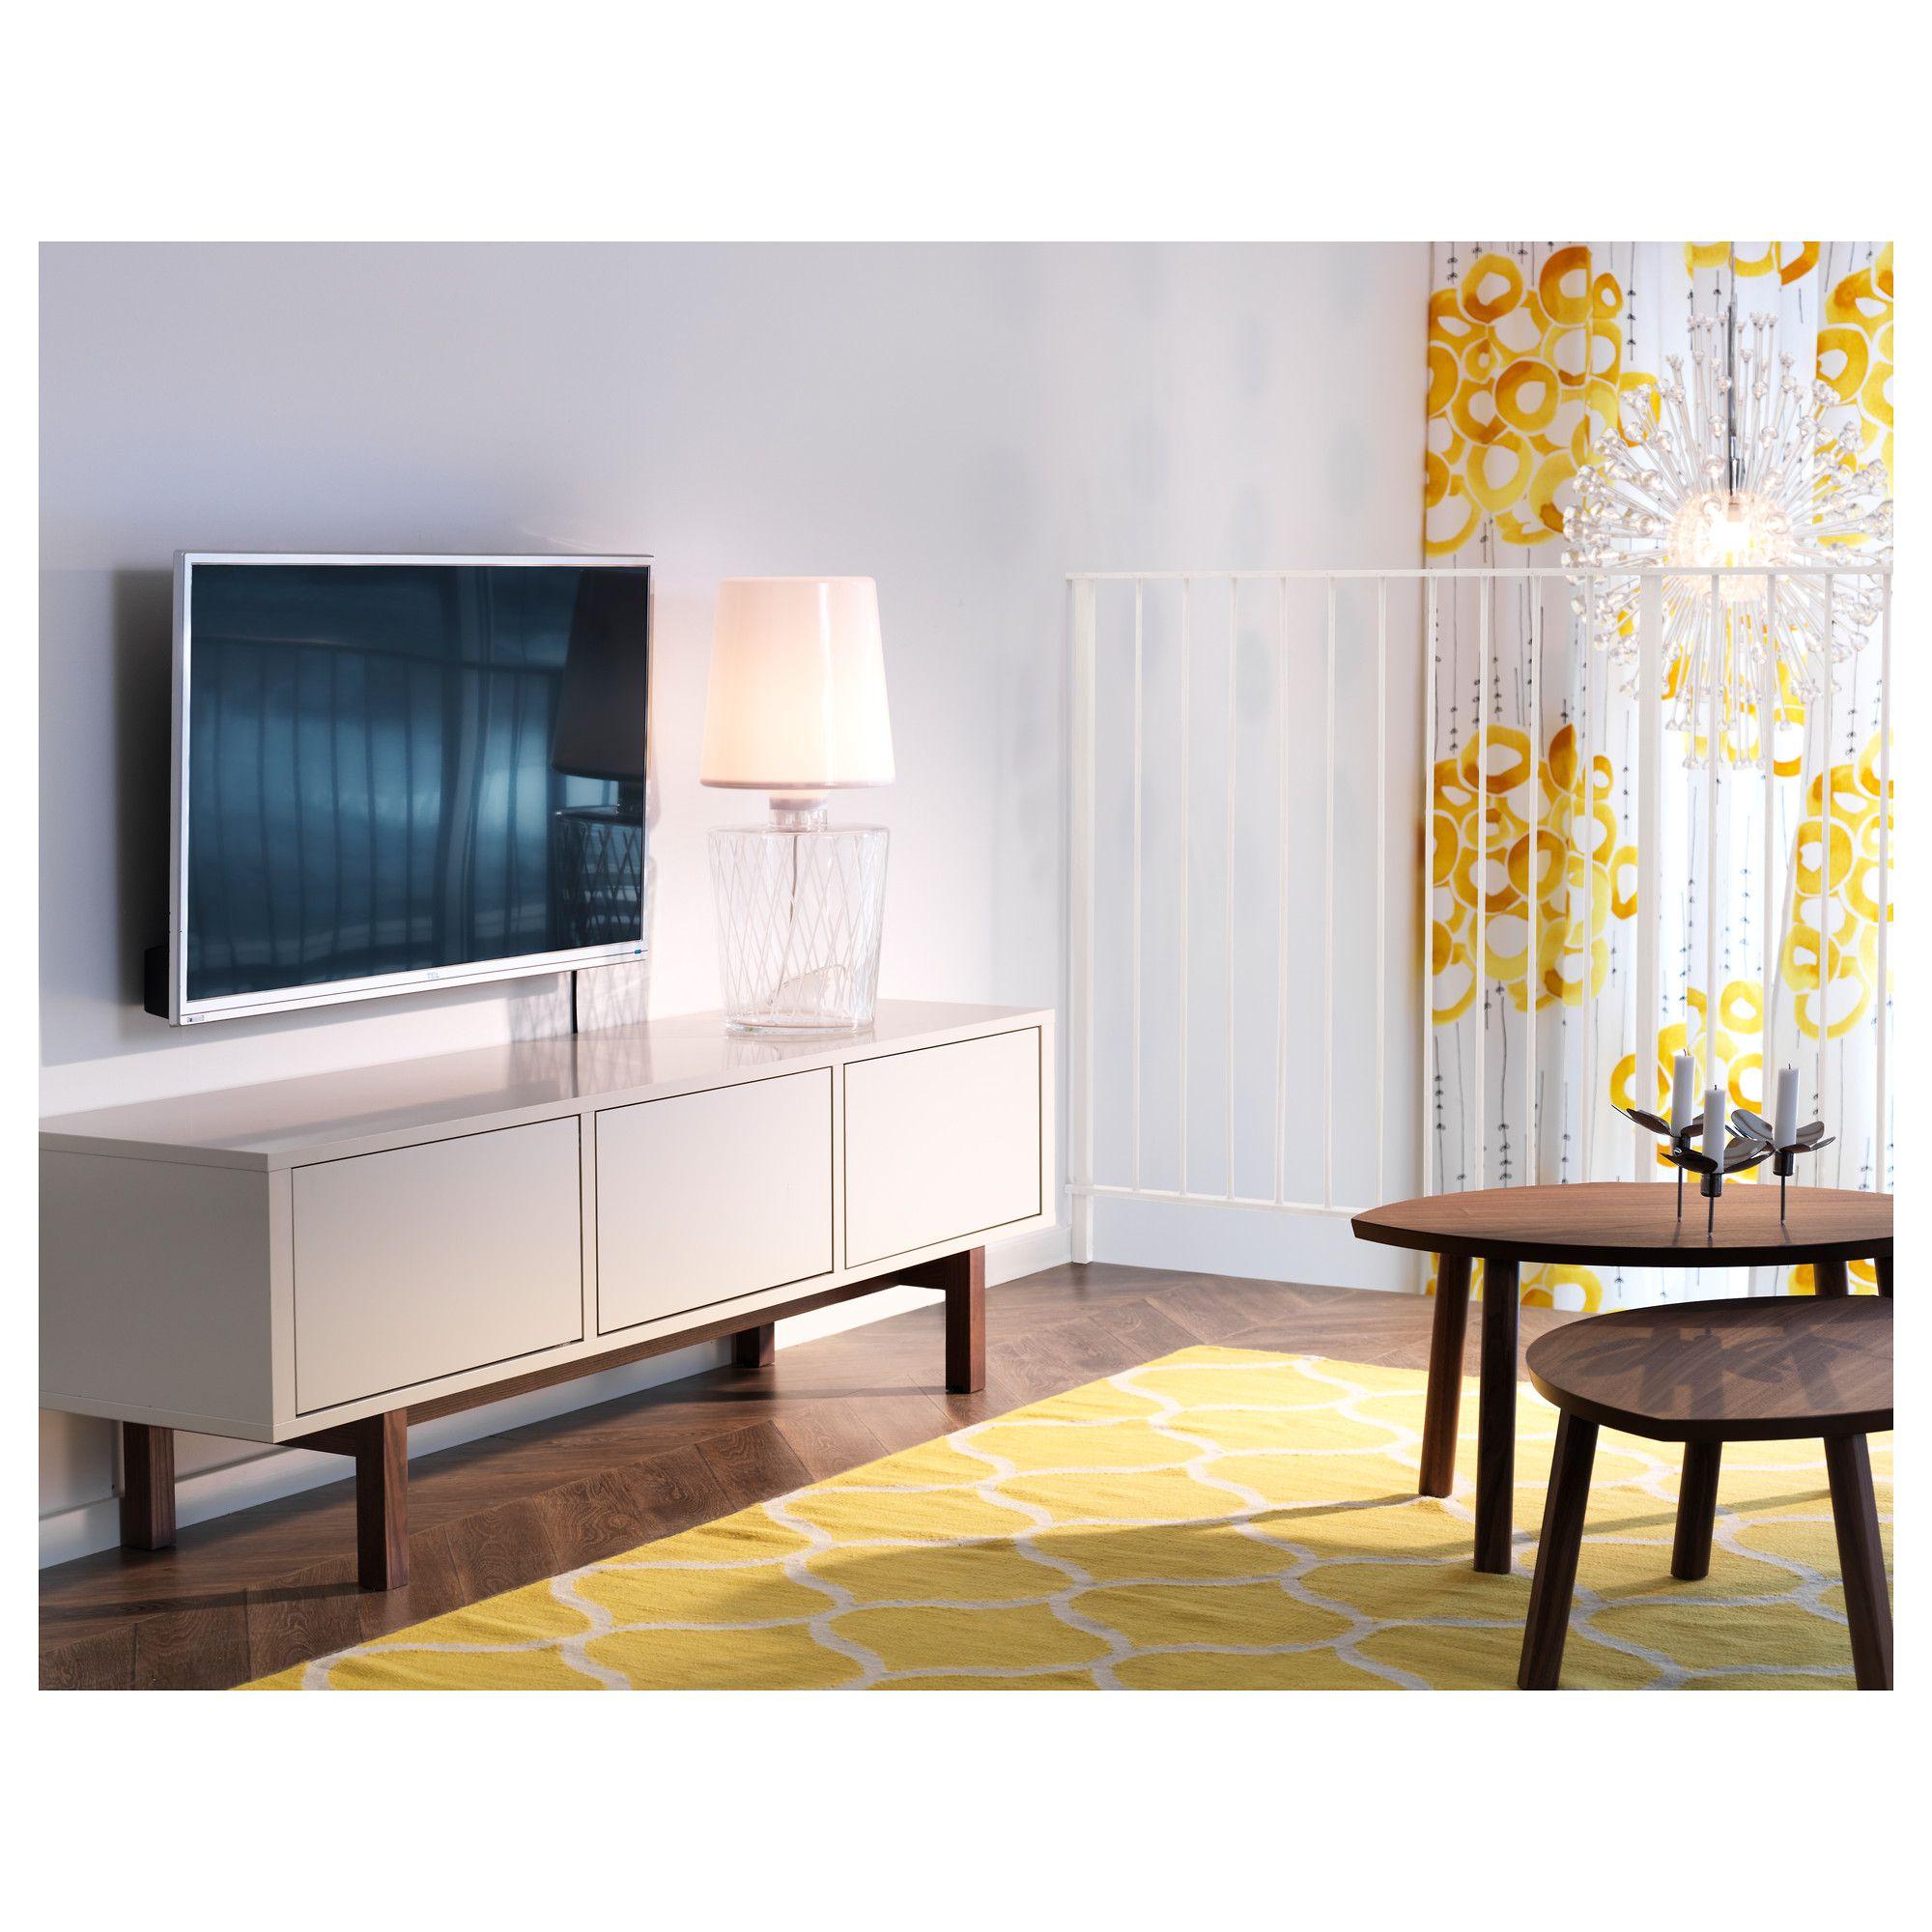 stockholm ikea 50s living room pinterest ikea stockholm stockholm. Black Bedroom Furniture Sets. Home Design Ideas